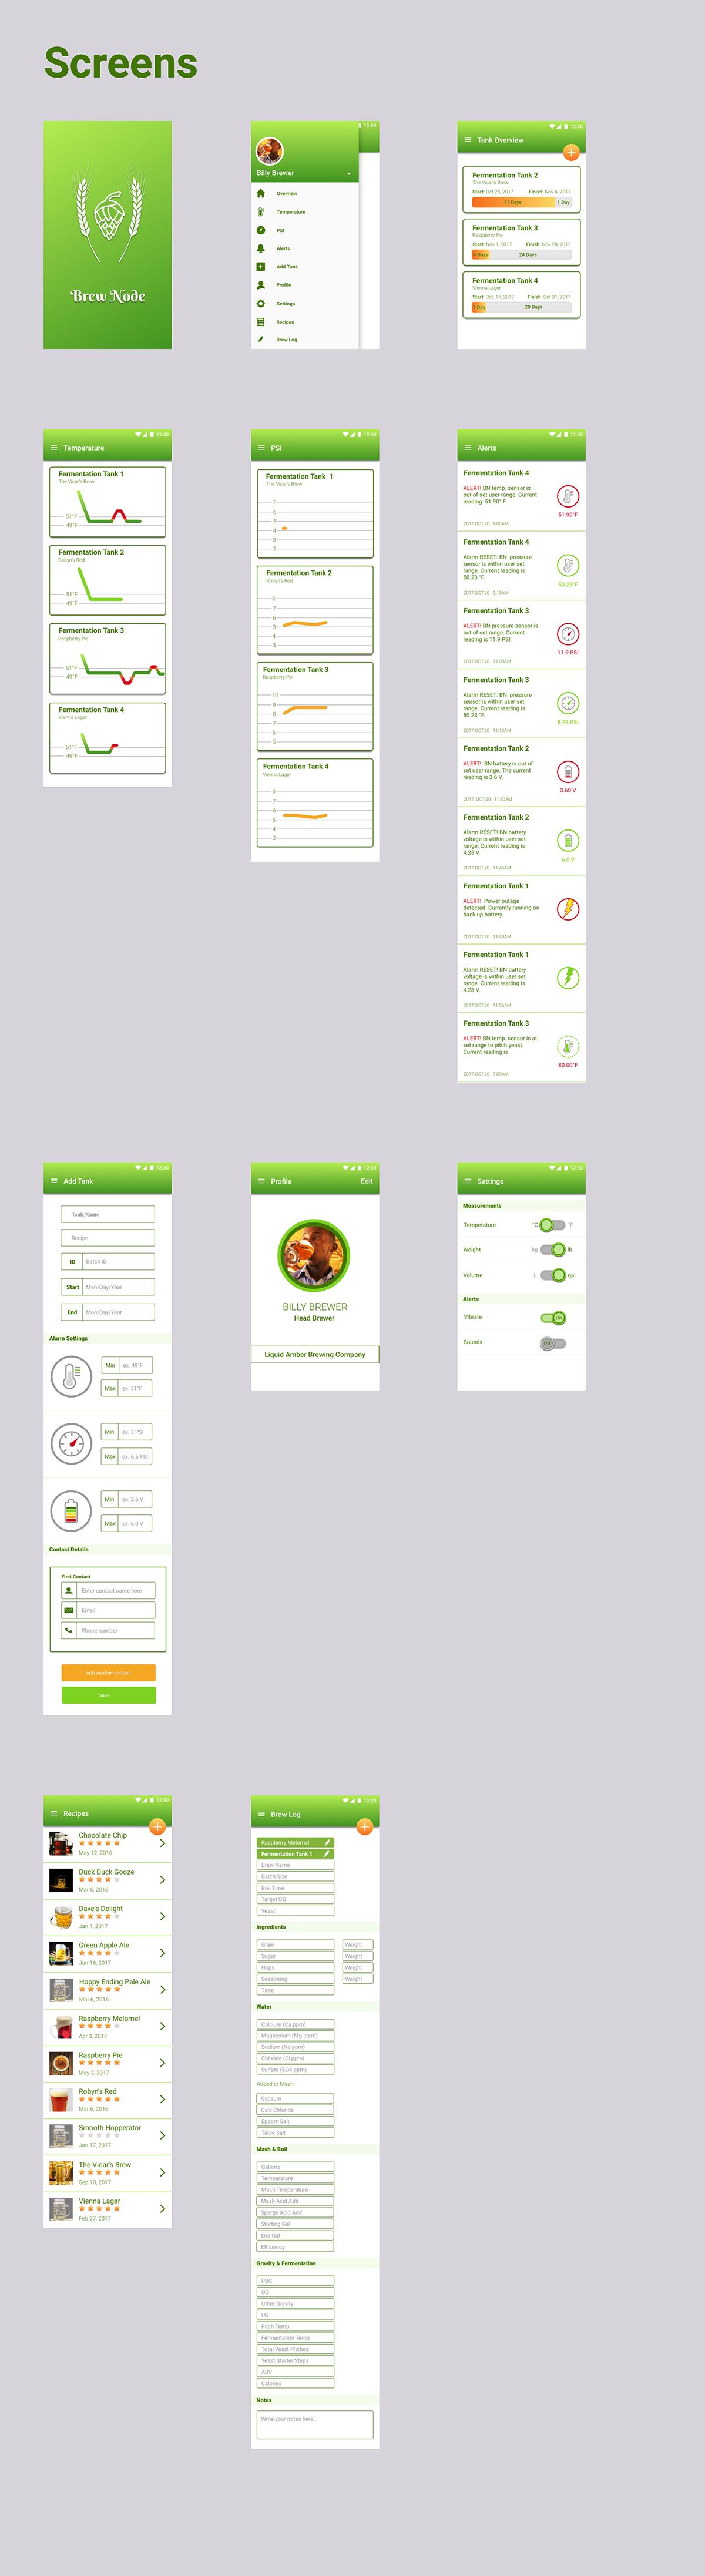 Brew Node for Warrier Tech  App Design on Behance